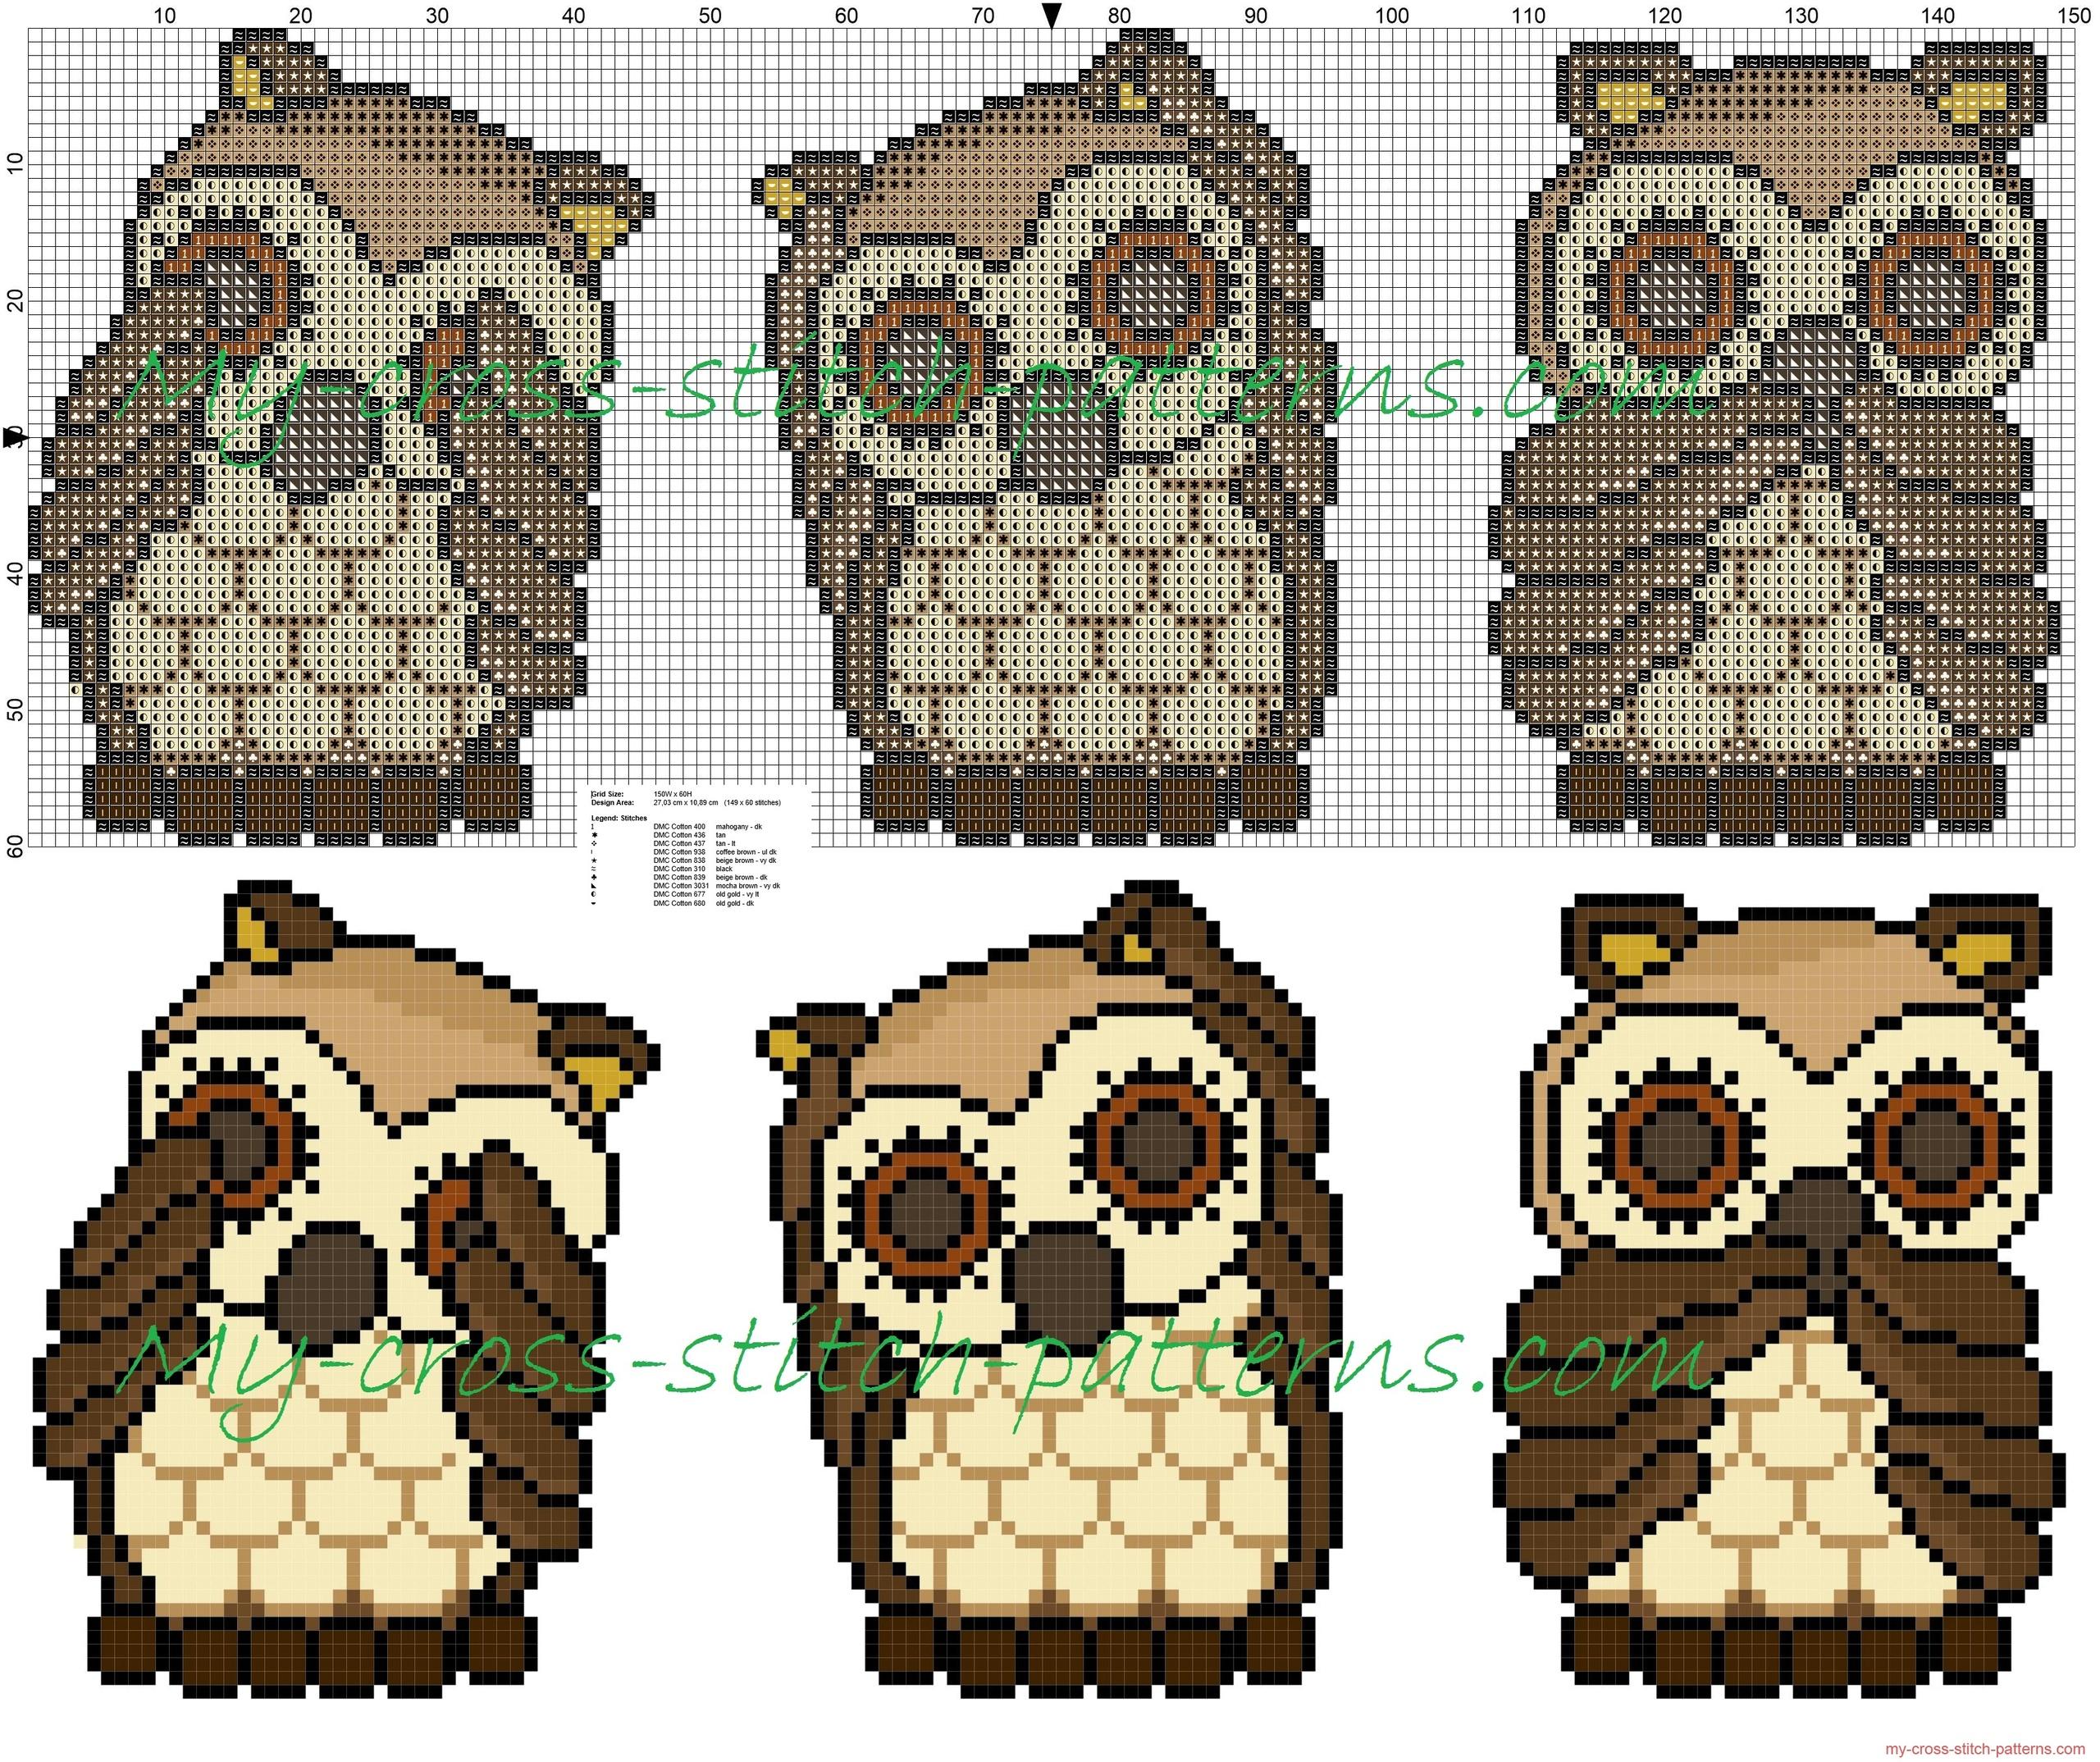 thun_owls_i_do_not_see_i_can_not_hear_i_do_not_talk_free_cross_stitch_pattern_149x60